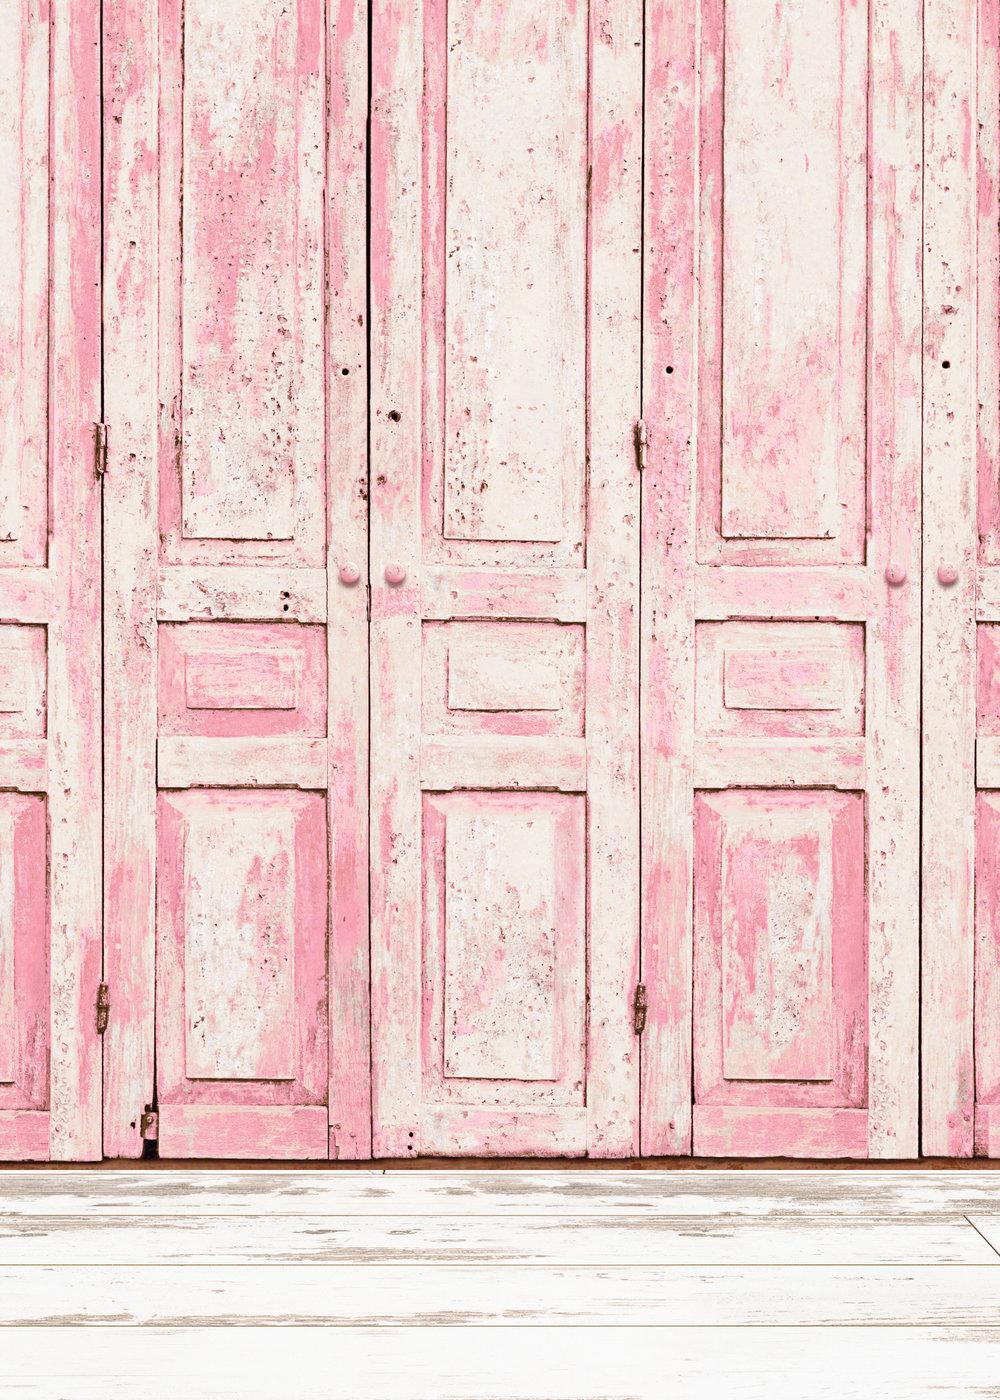 Background S - Pink Doors